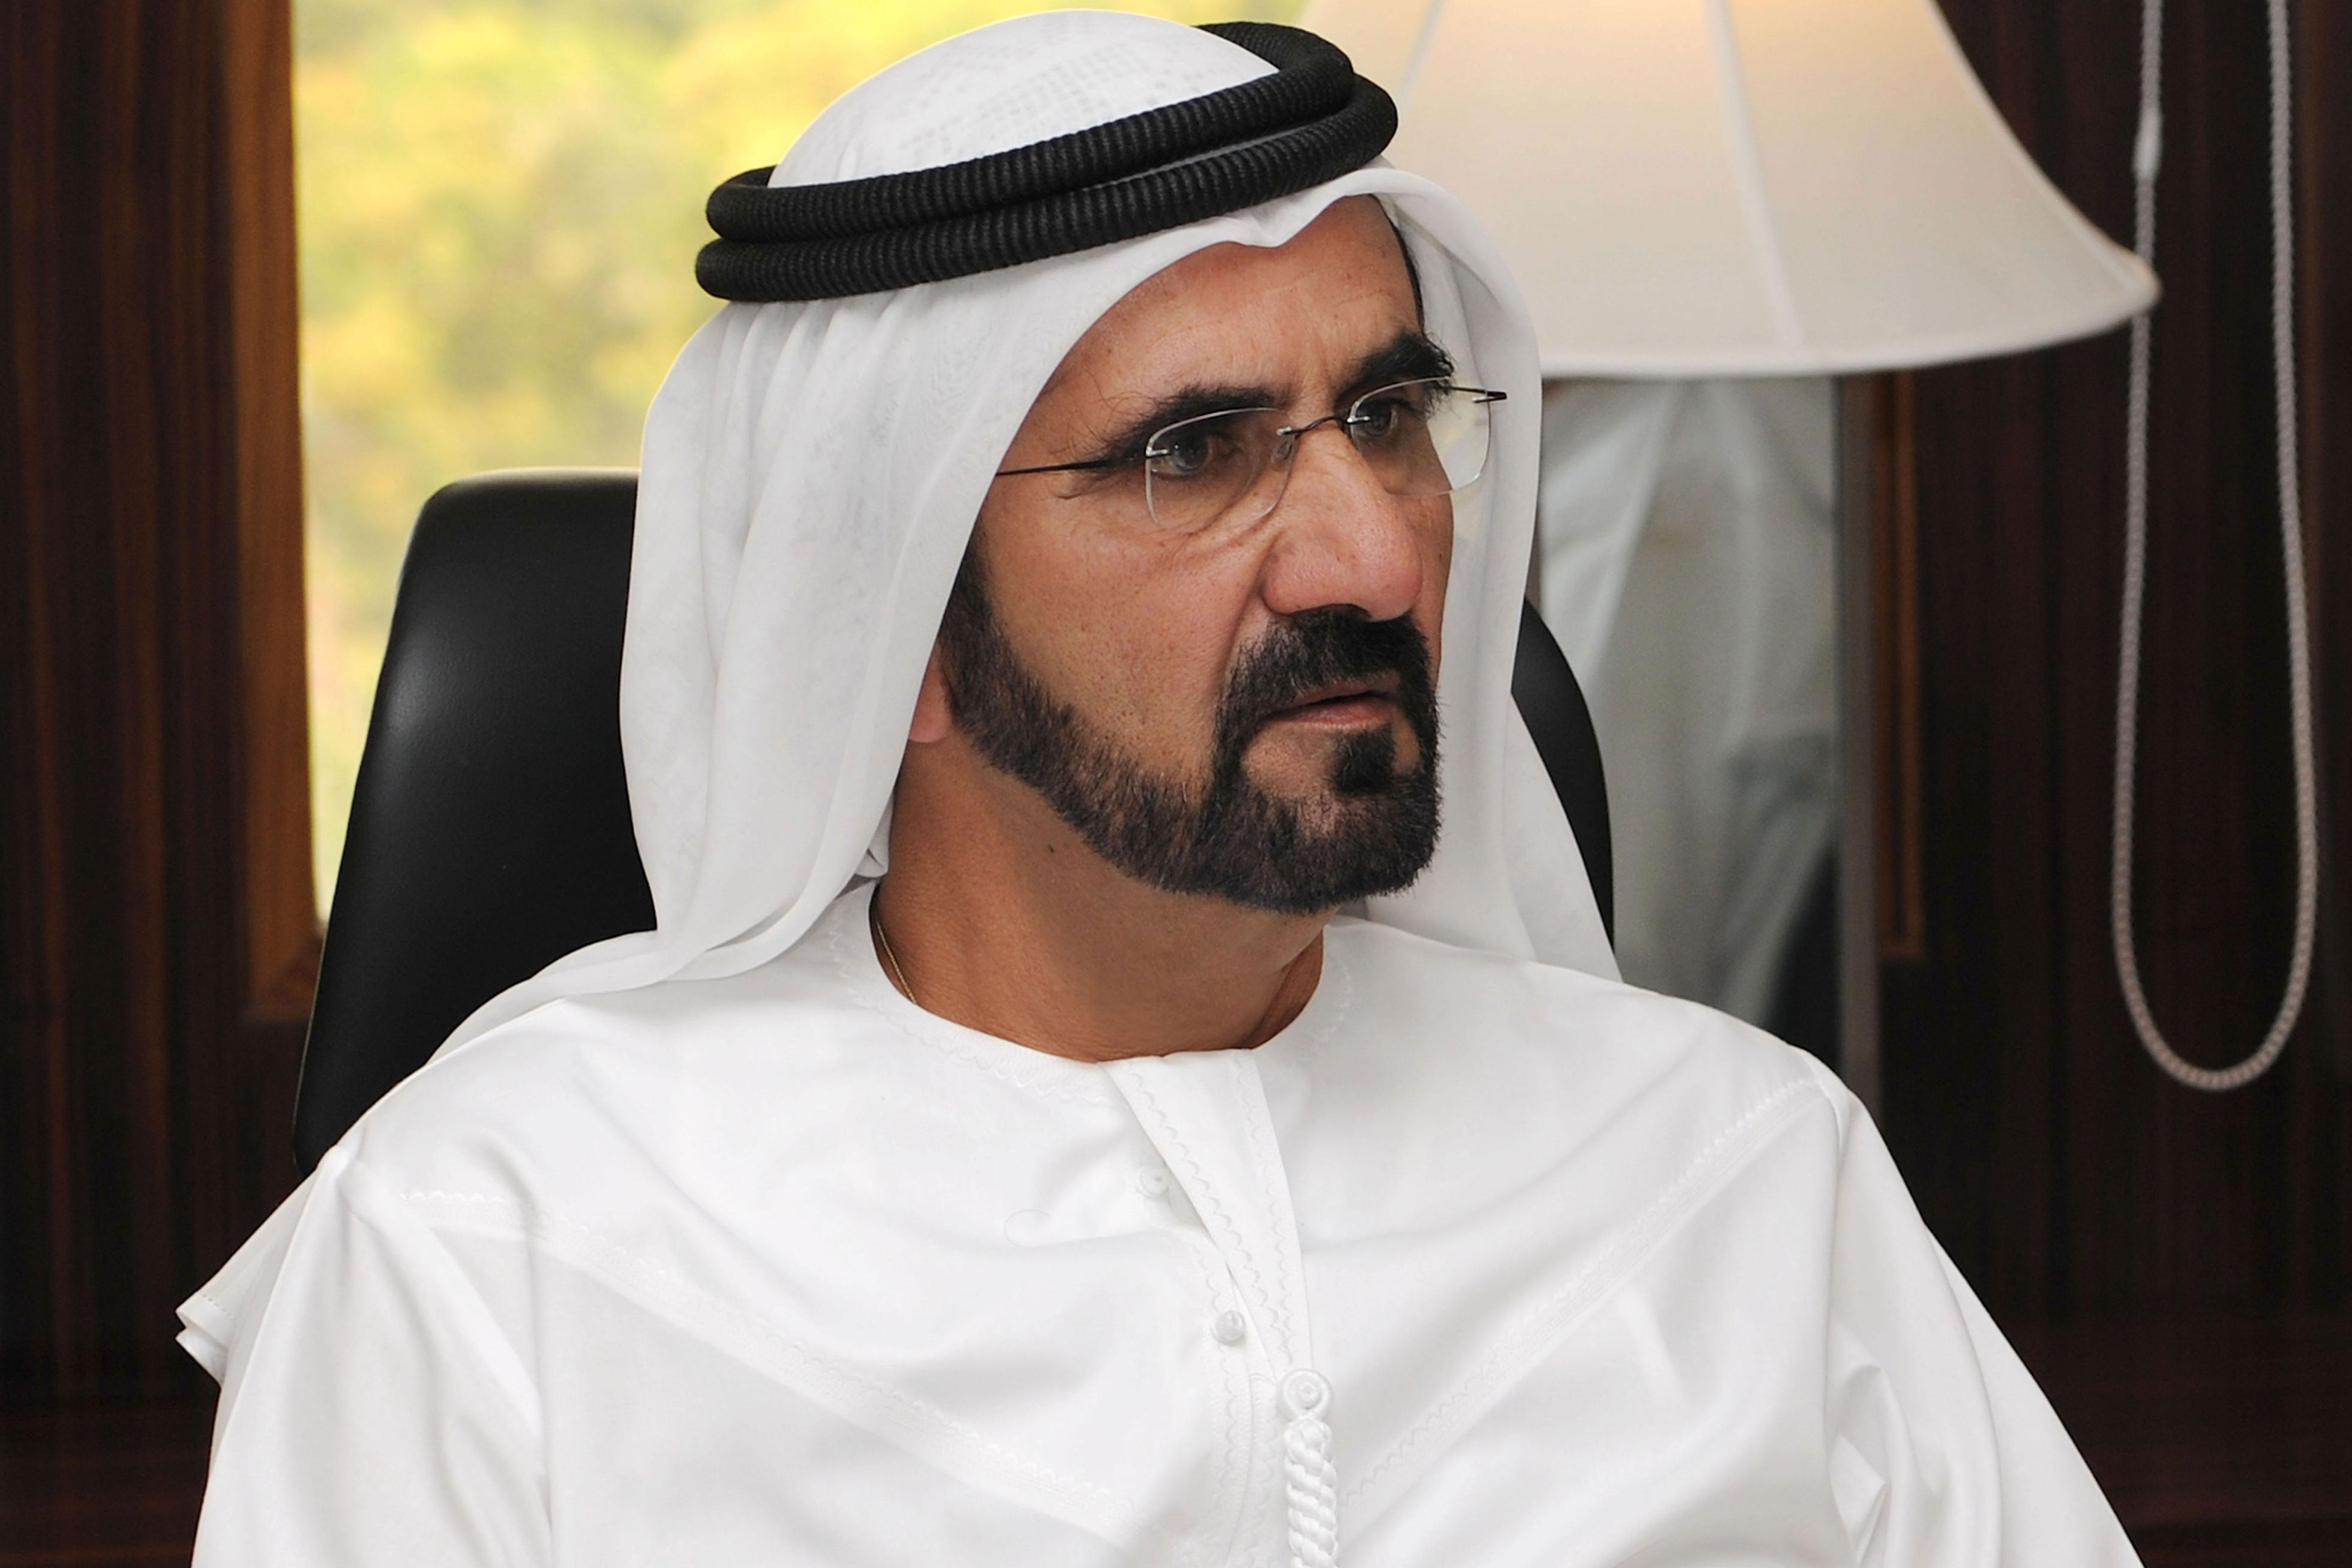 صاحب السمو الشيخ محمد بن راشد آل مكتوم - رؤية وبصيرة رجل يصنع الأمل